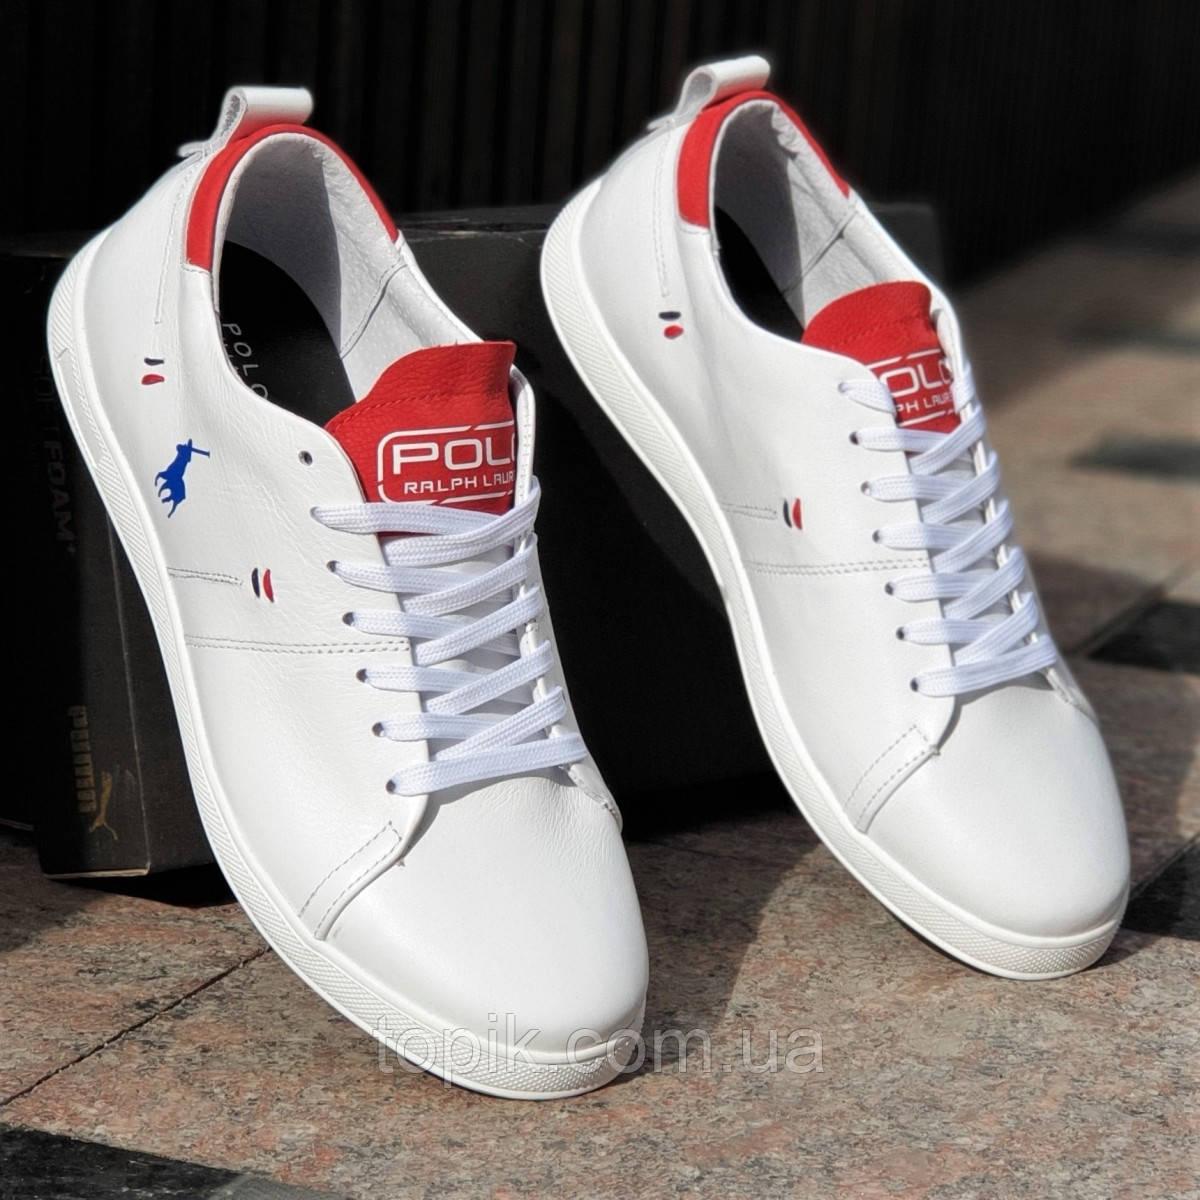 Белые мужские кеды, кроссовки, мокасины, мягкая натуральная кожа, белая подошва, модные (Код: 1377а)